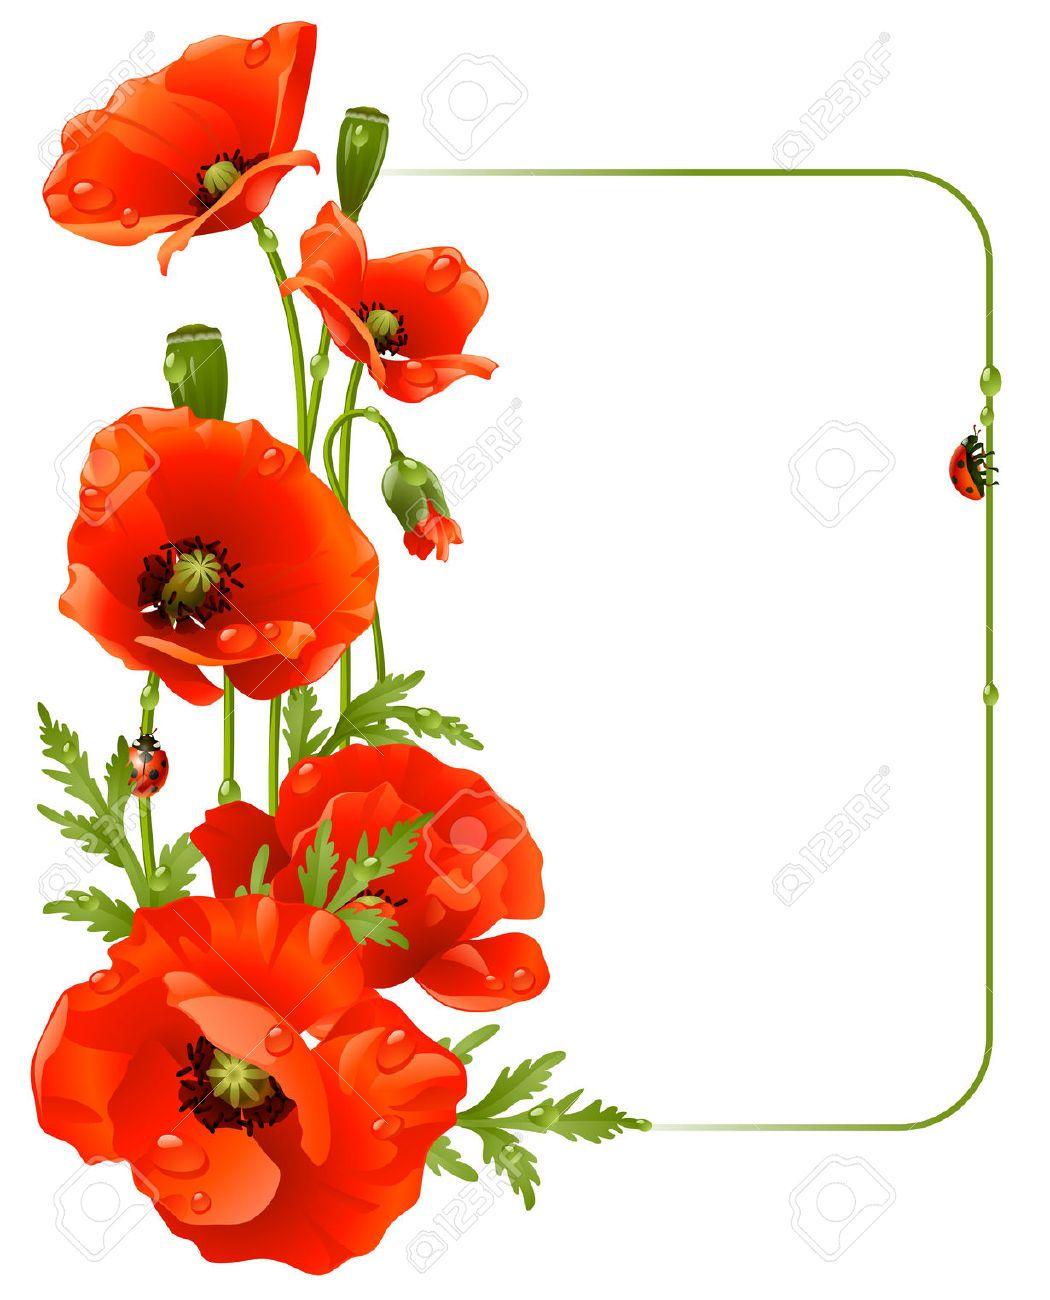 red poppy flower clipart.